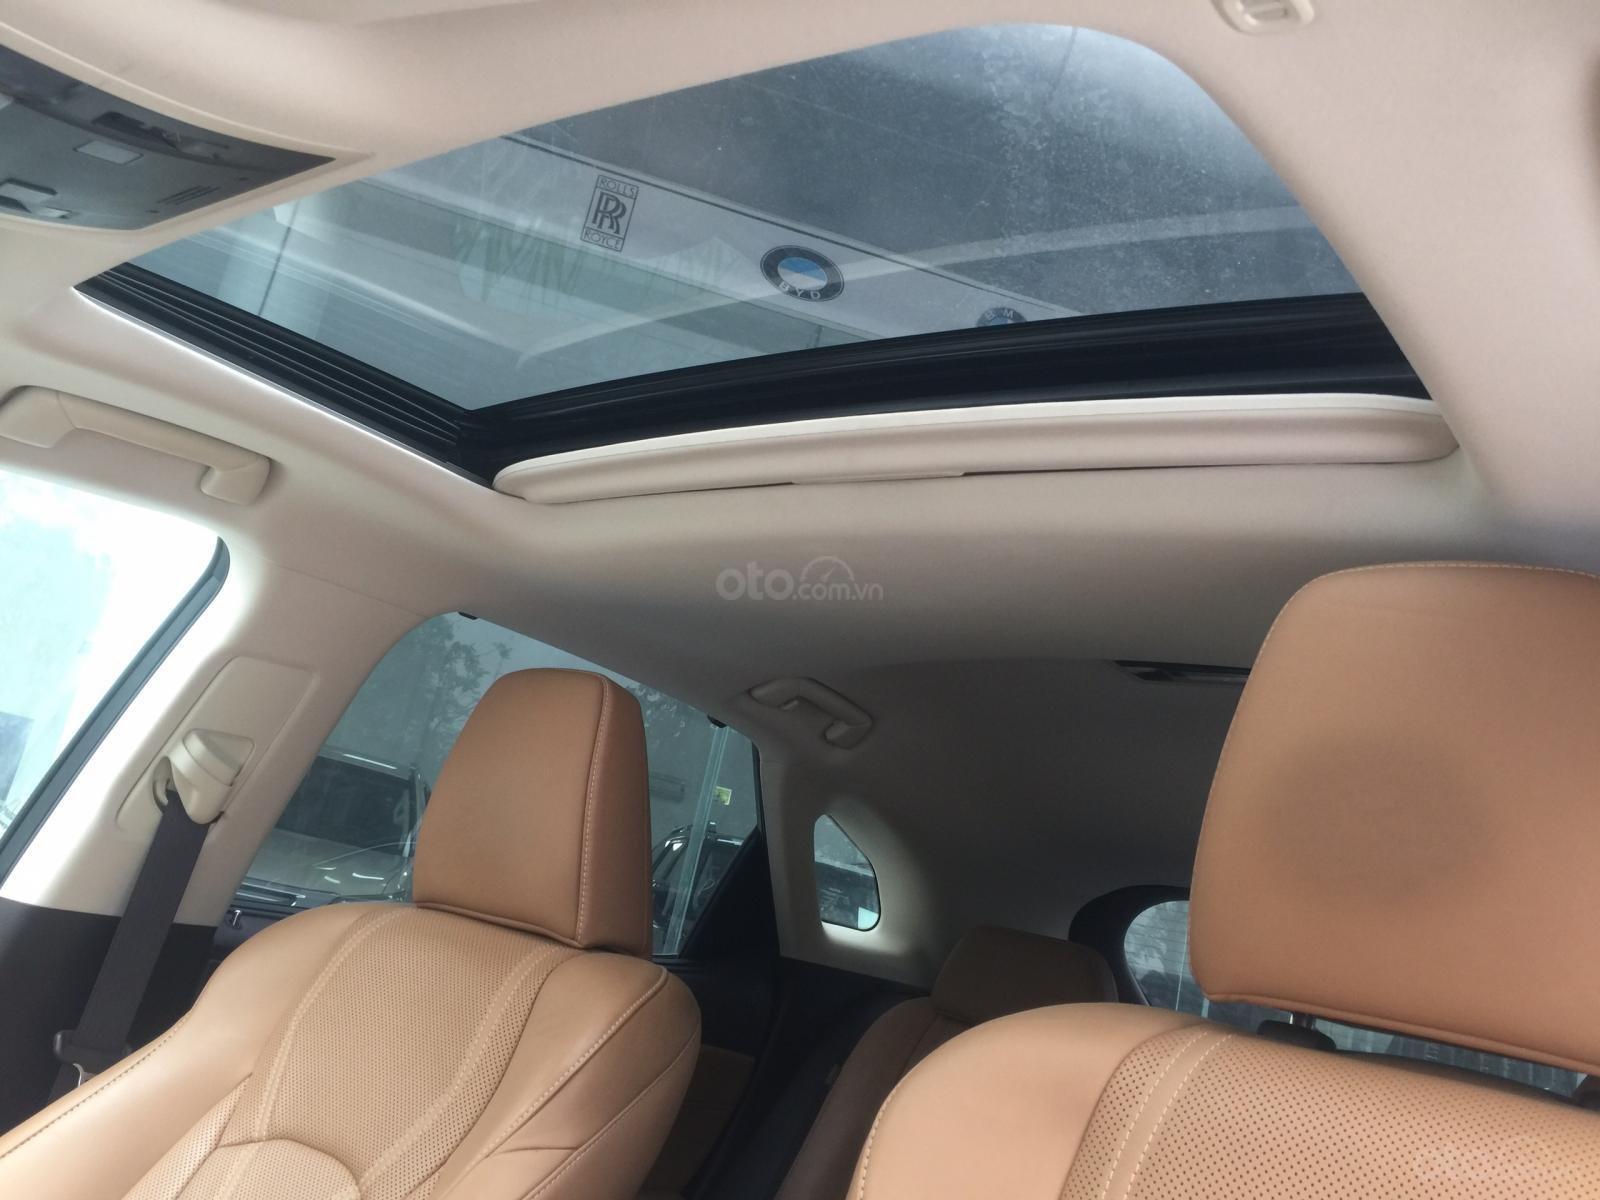 Bán Lexus Rx 200t sản xuất năm 2016, màu đen, xe nhập chính hãng, Lh em Hương 0945392468-4